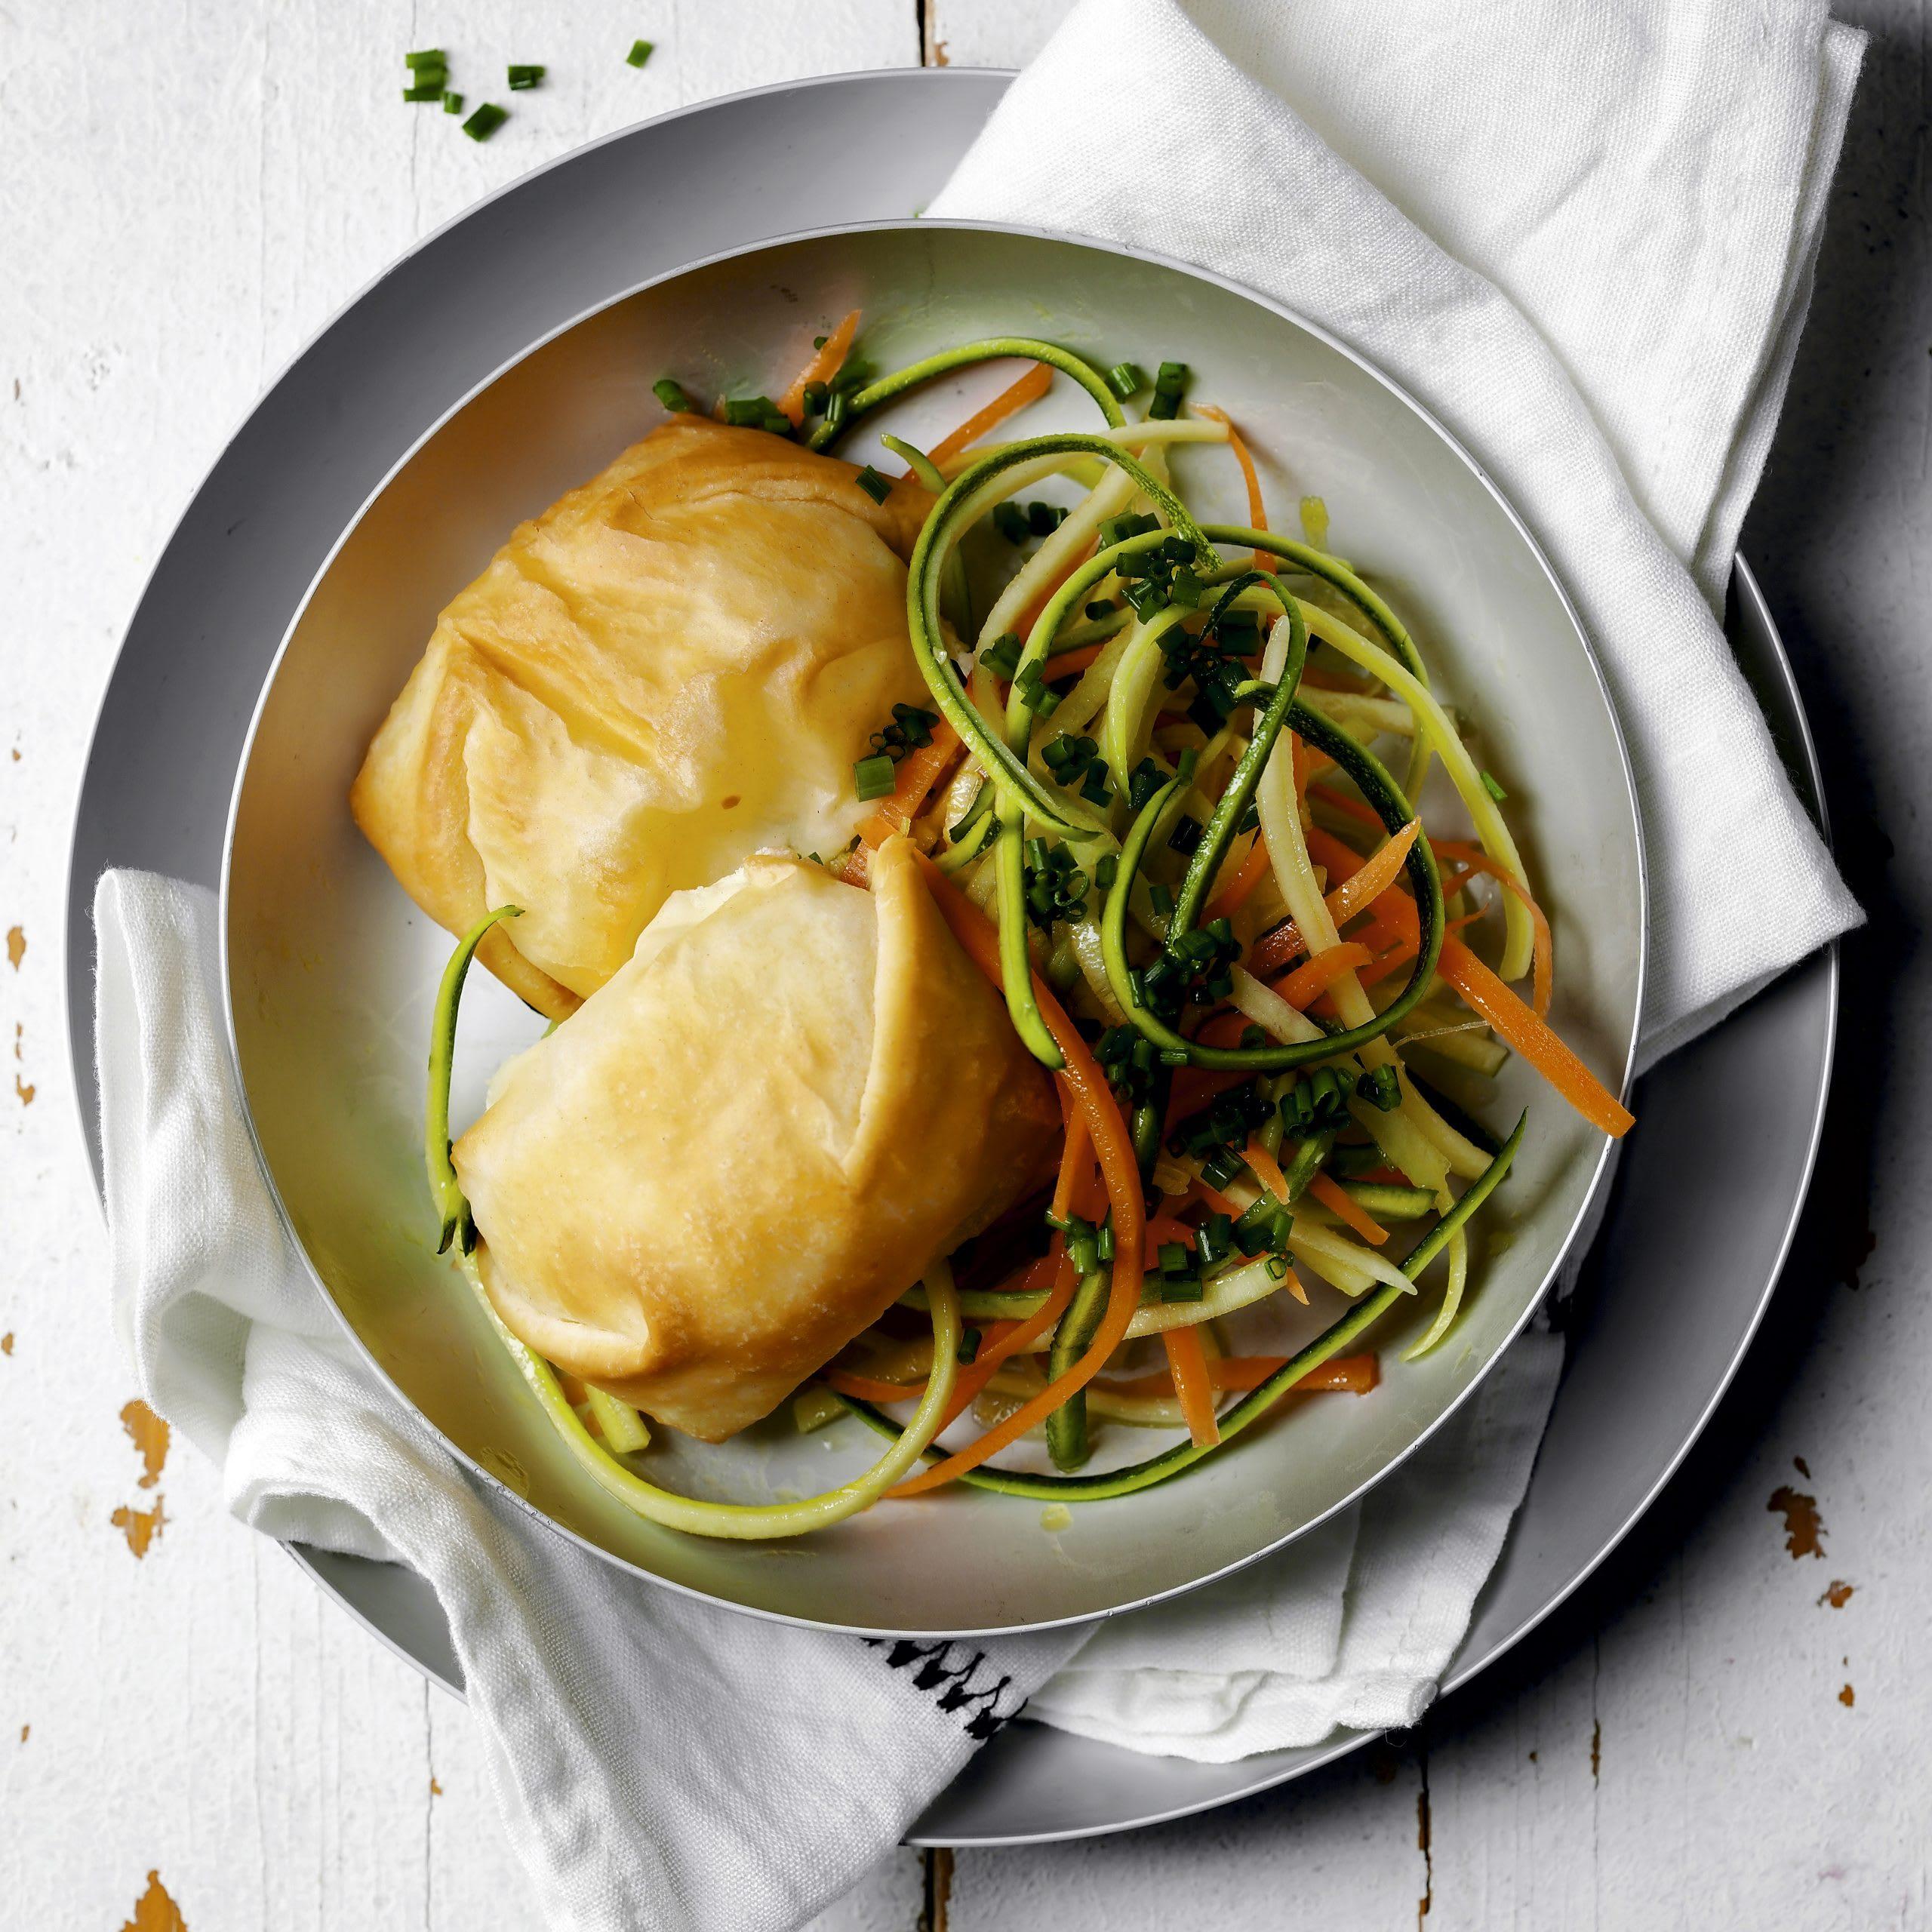 Frischkäsepäckli mit Salat